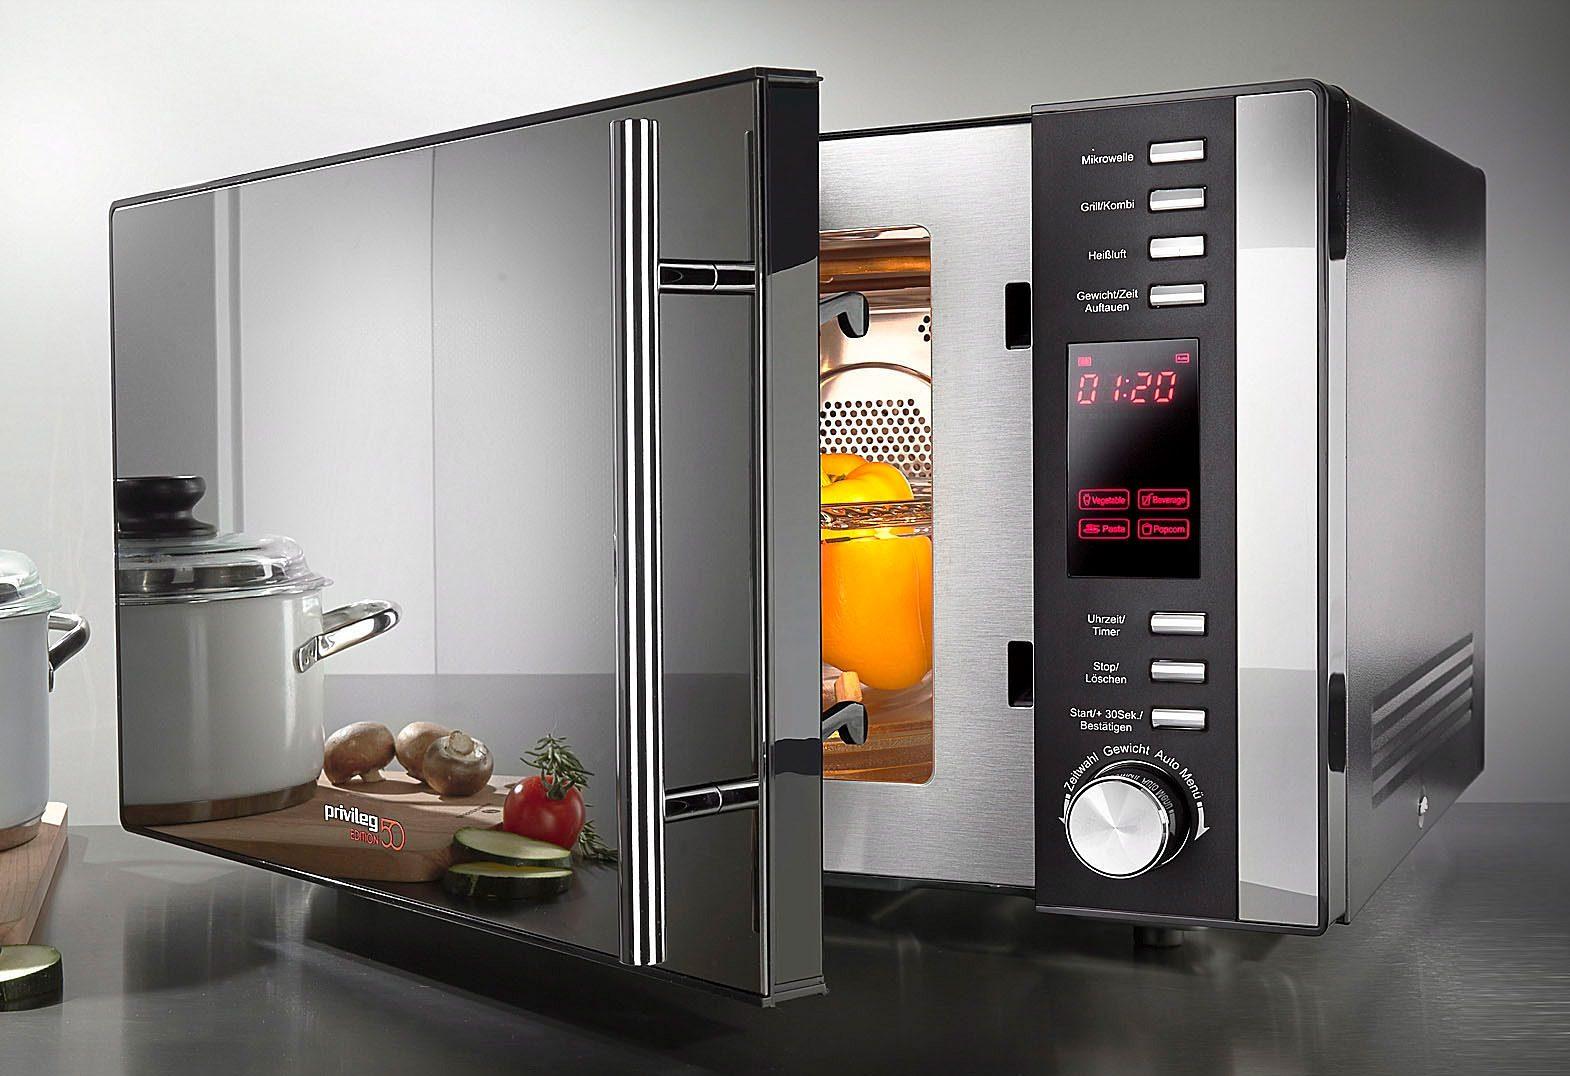 Siemens Kühlschrank Otto : Mikrowellen online kaufen mikrowellenherd otto